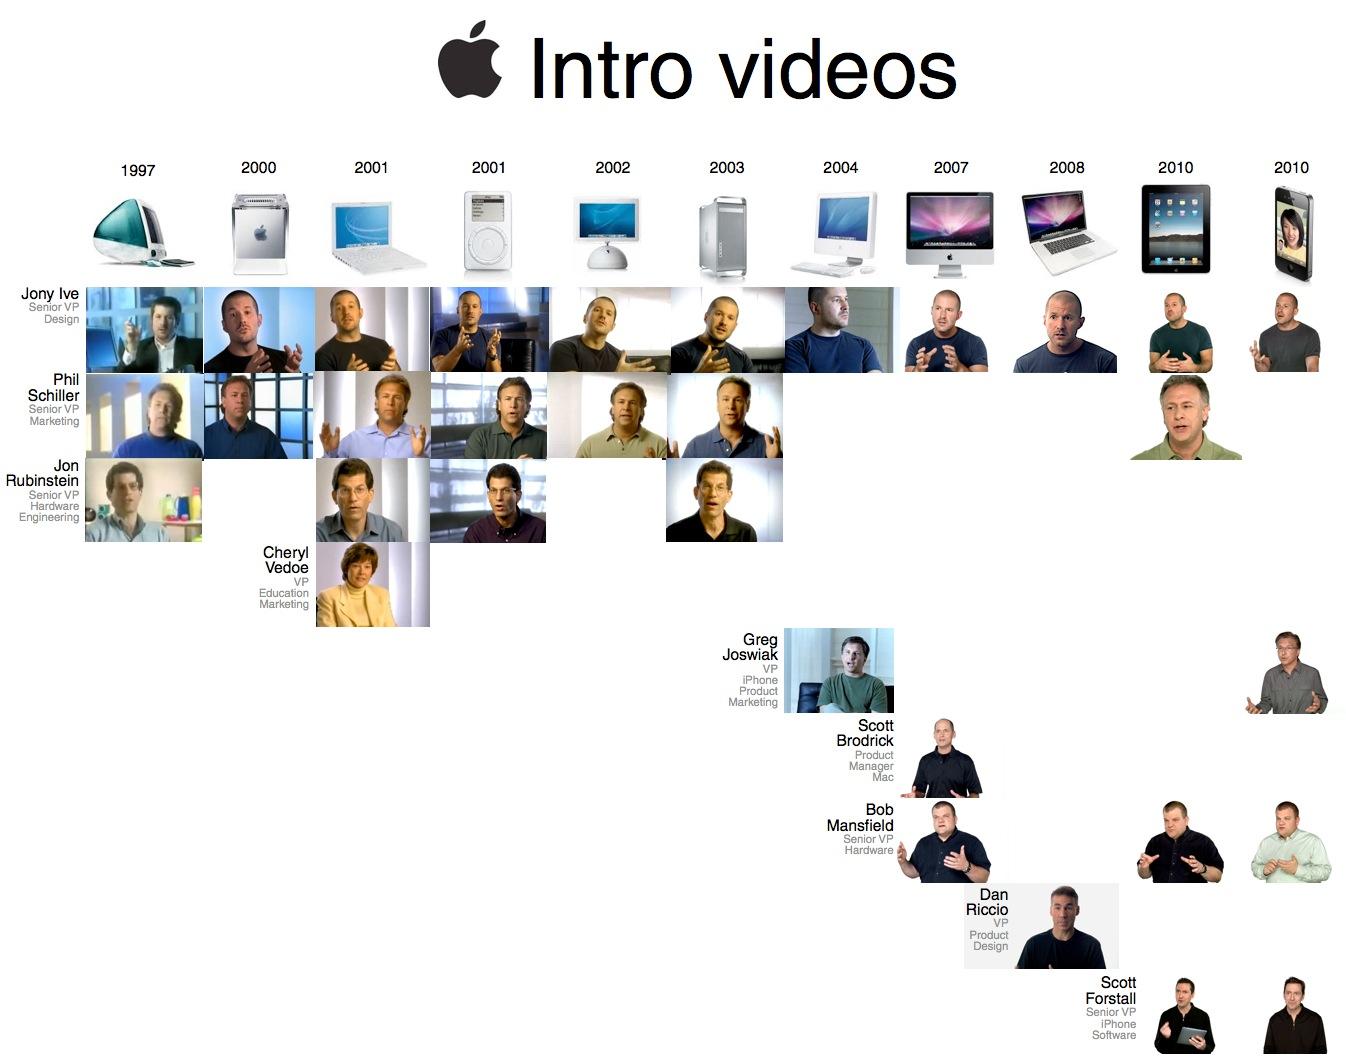 Vídeos intro da Apple